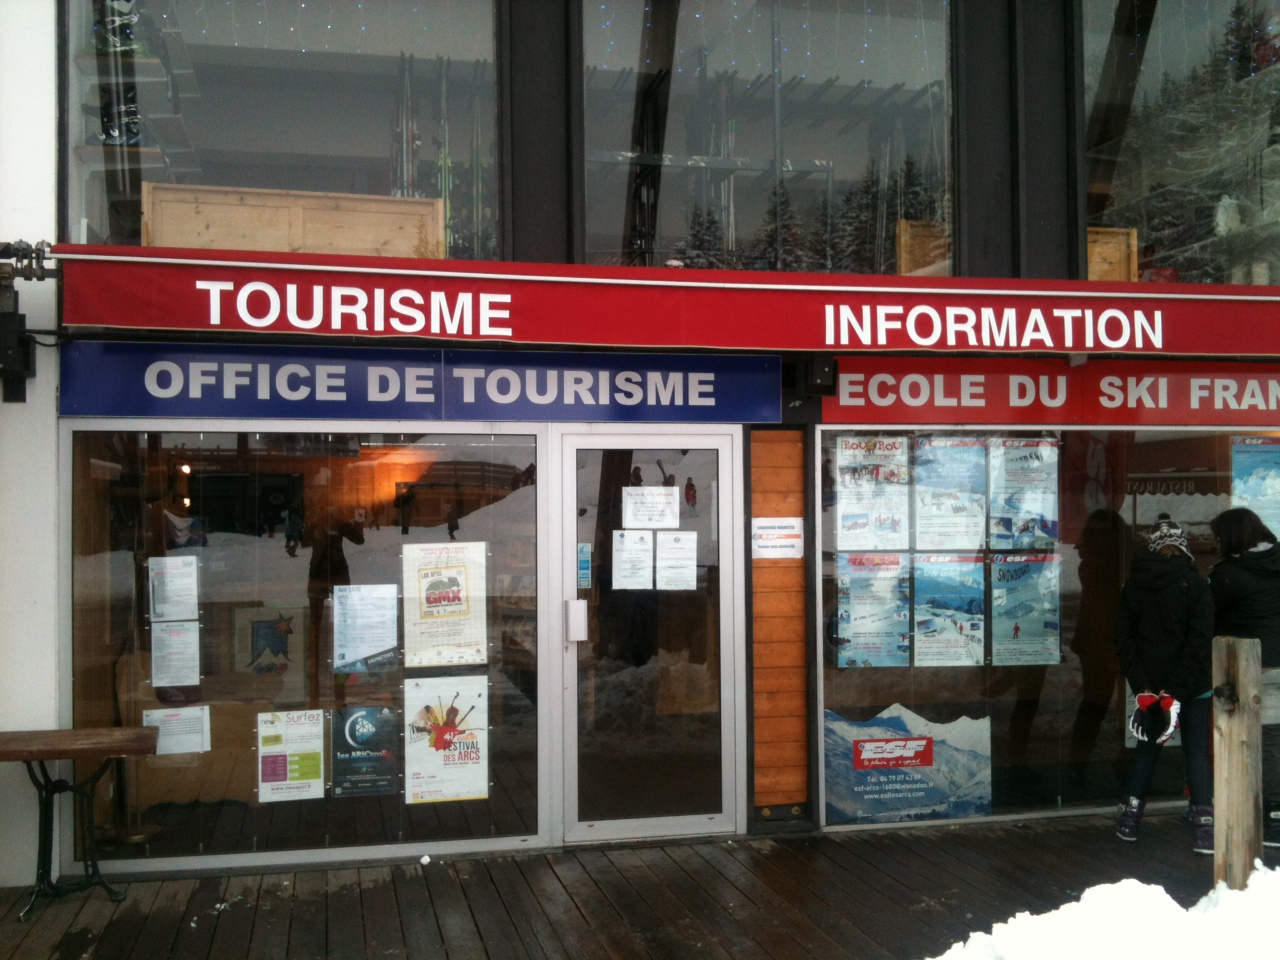 Office de tourisme d 39 arc 1600 savoie mont blanc savoie - Bourg saint maurice office de tourisme ...